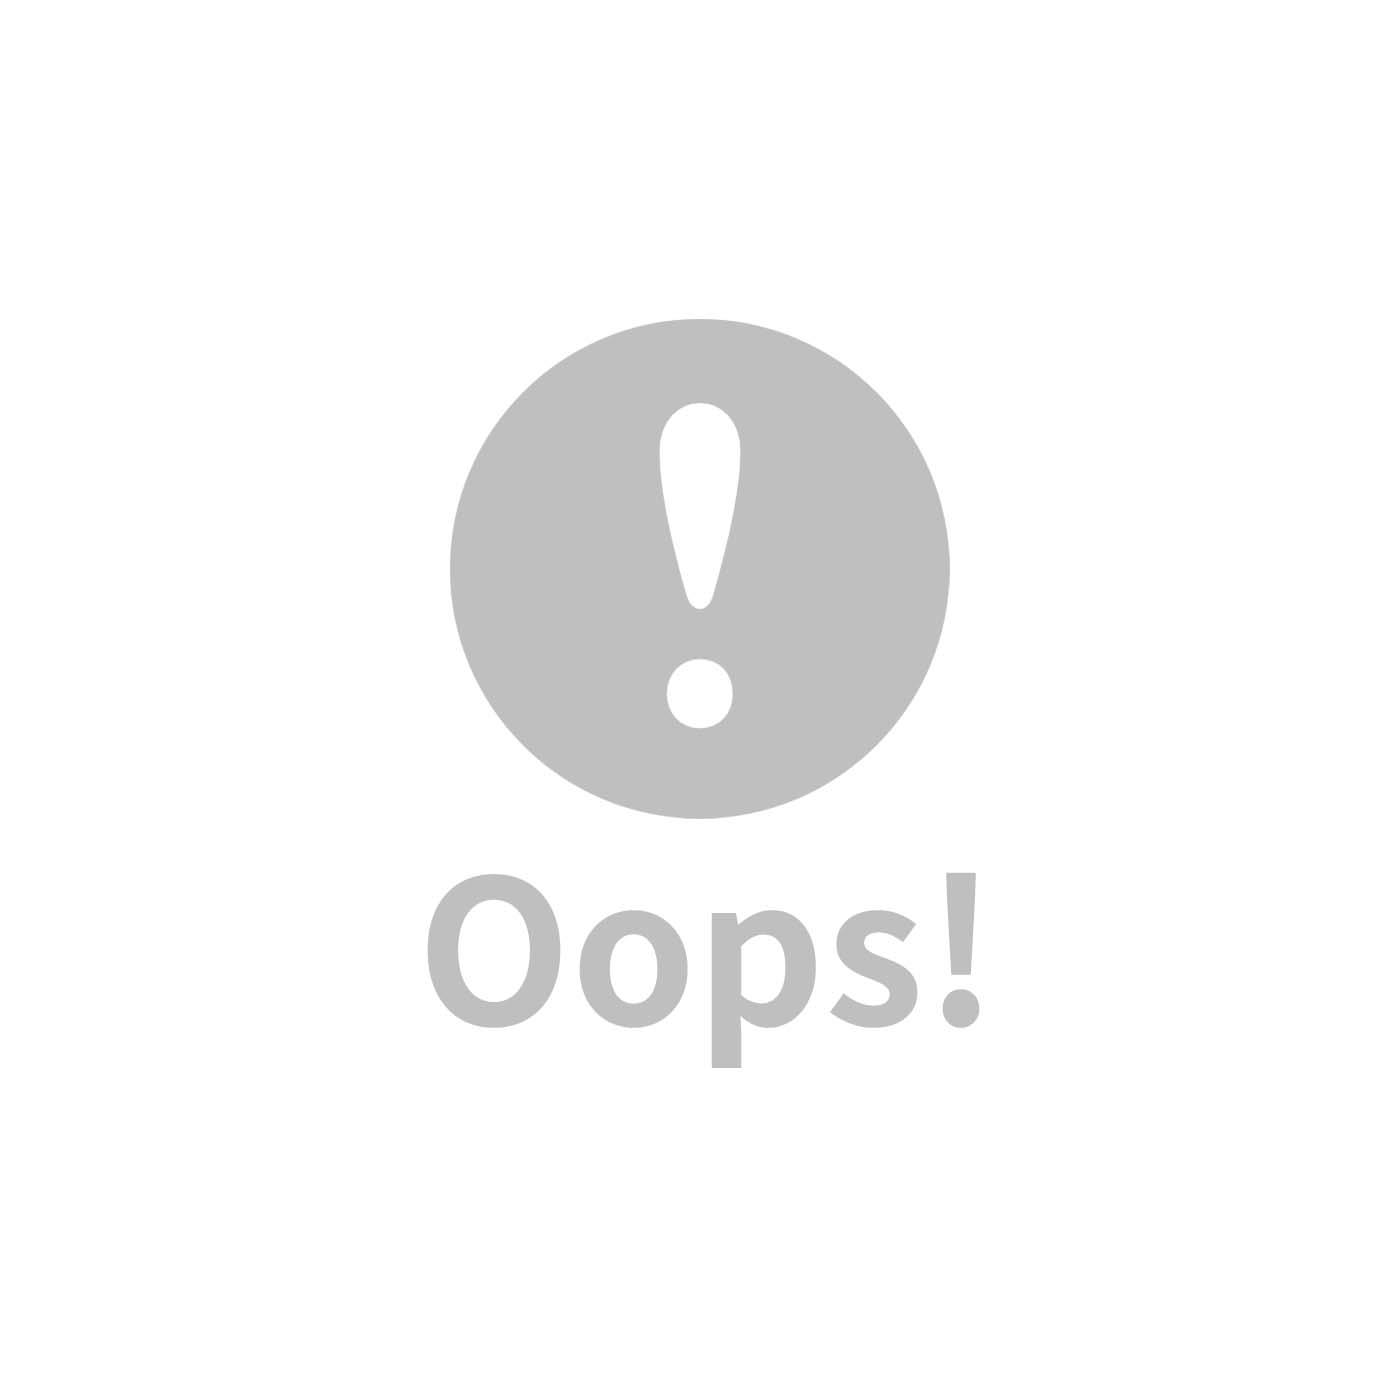 global affairs 童話手工編織安撫搖鈴_動物派對(小灰象)